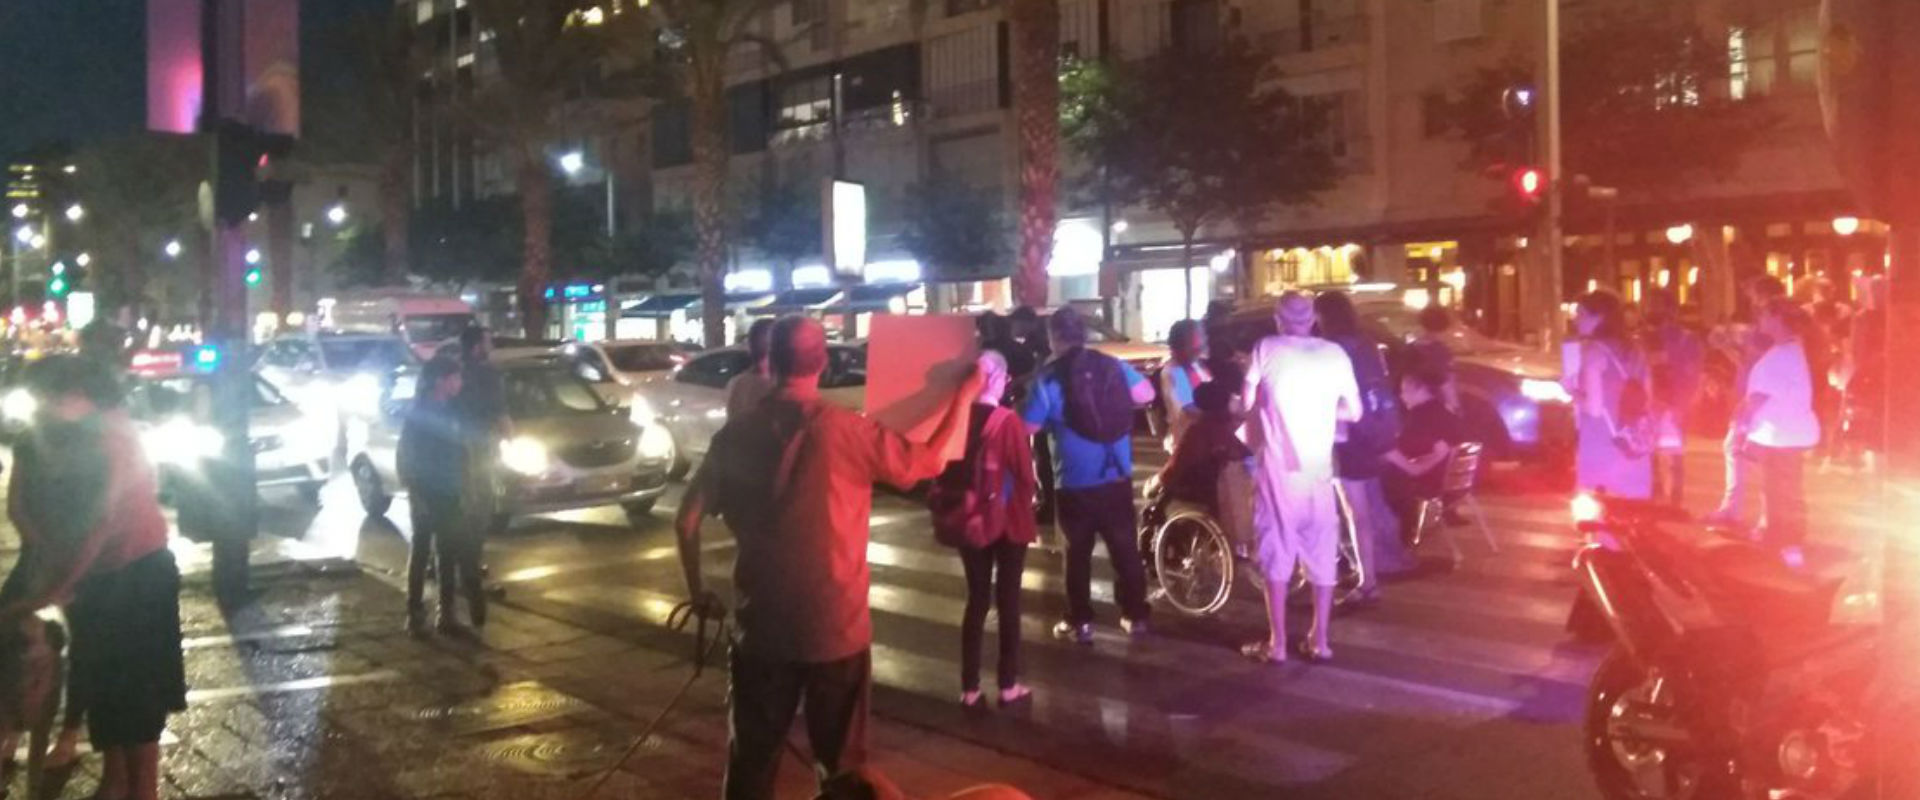 """פעילים במאבק הנכים חוסמים את רחוב אבן גבירול בת""""א,"""